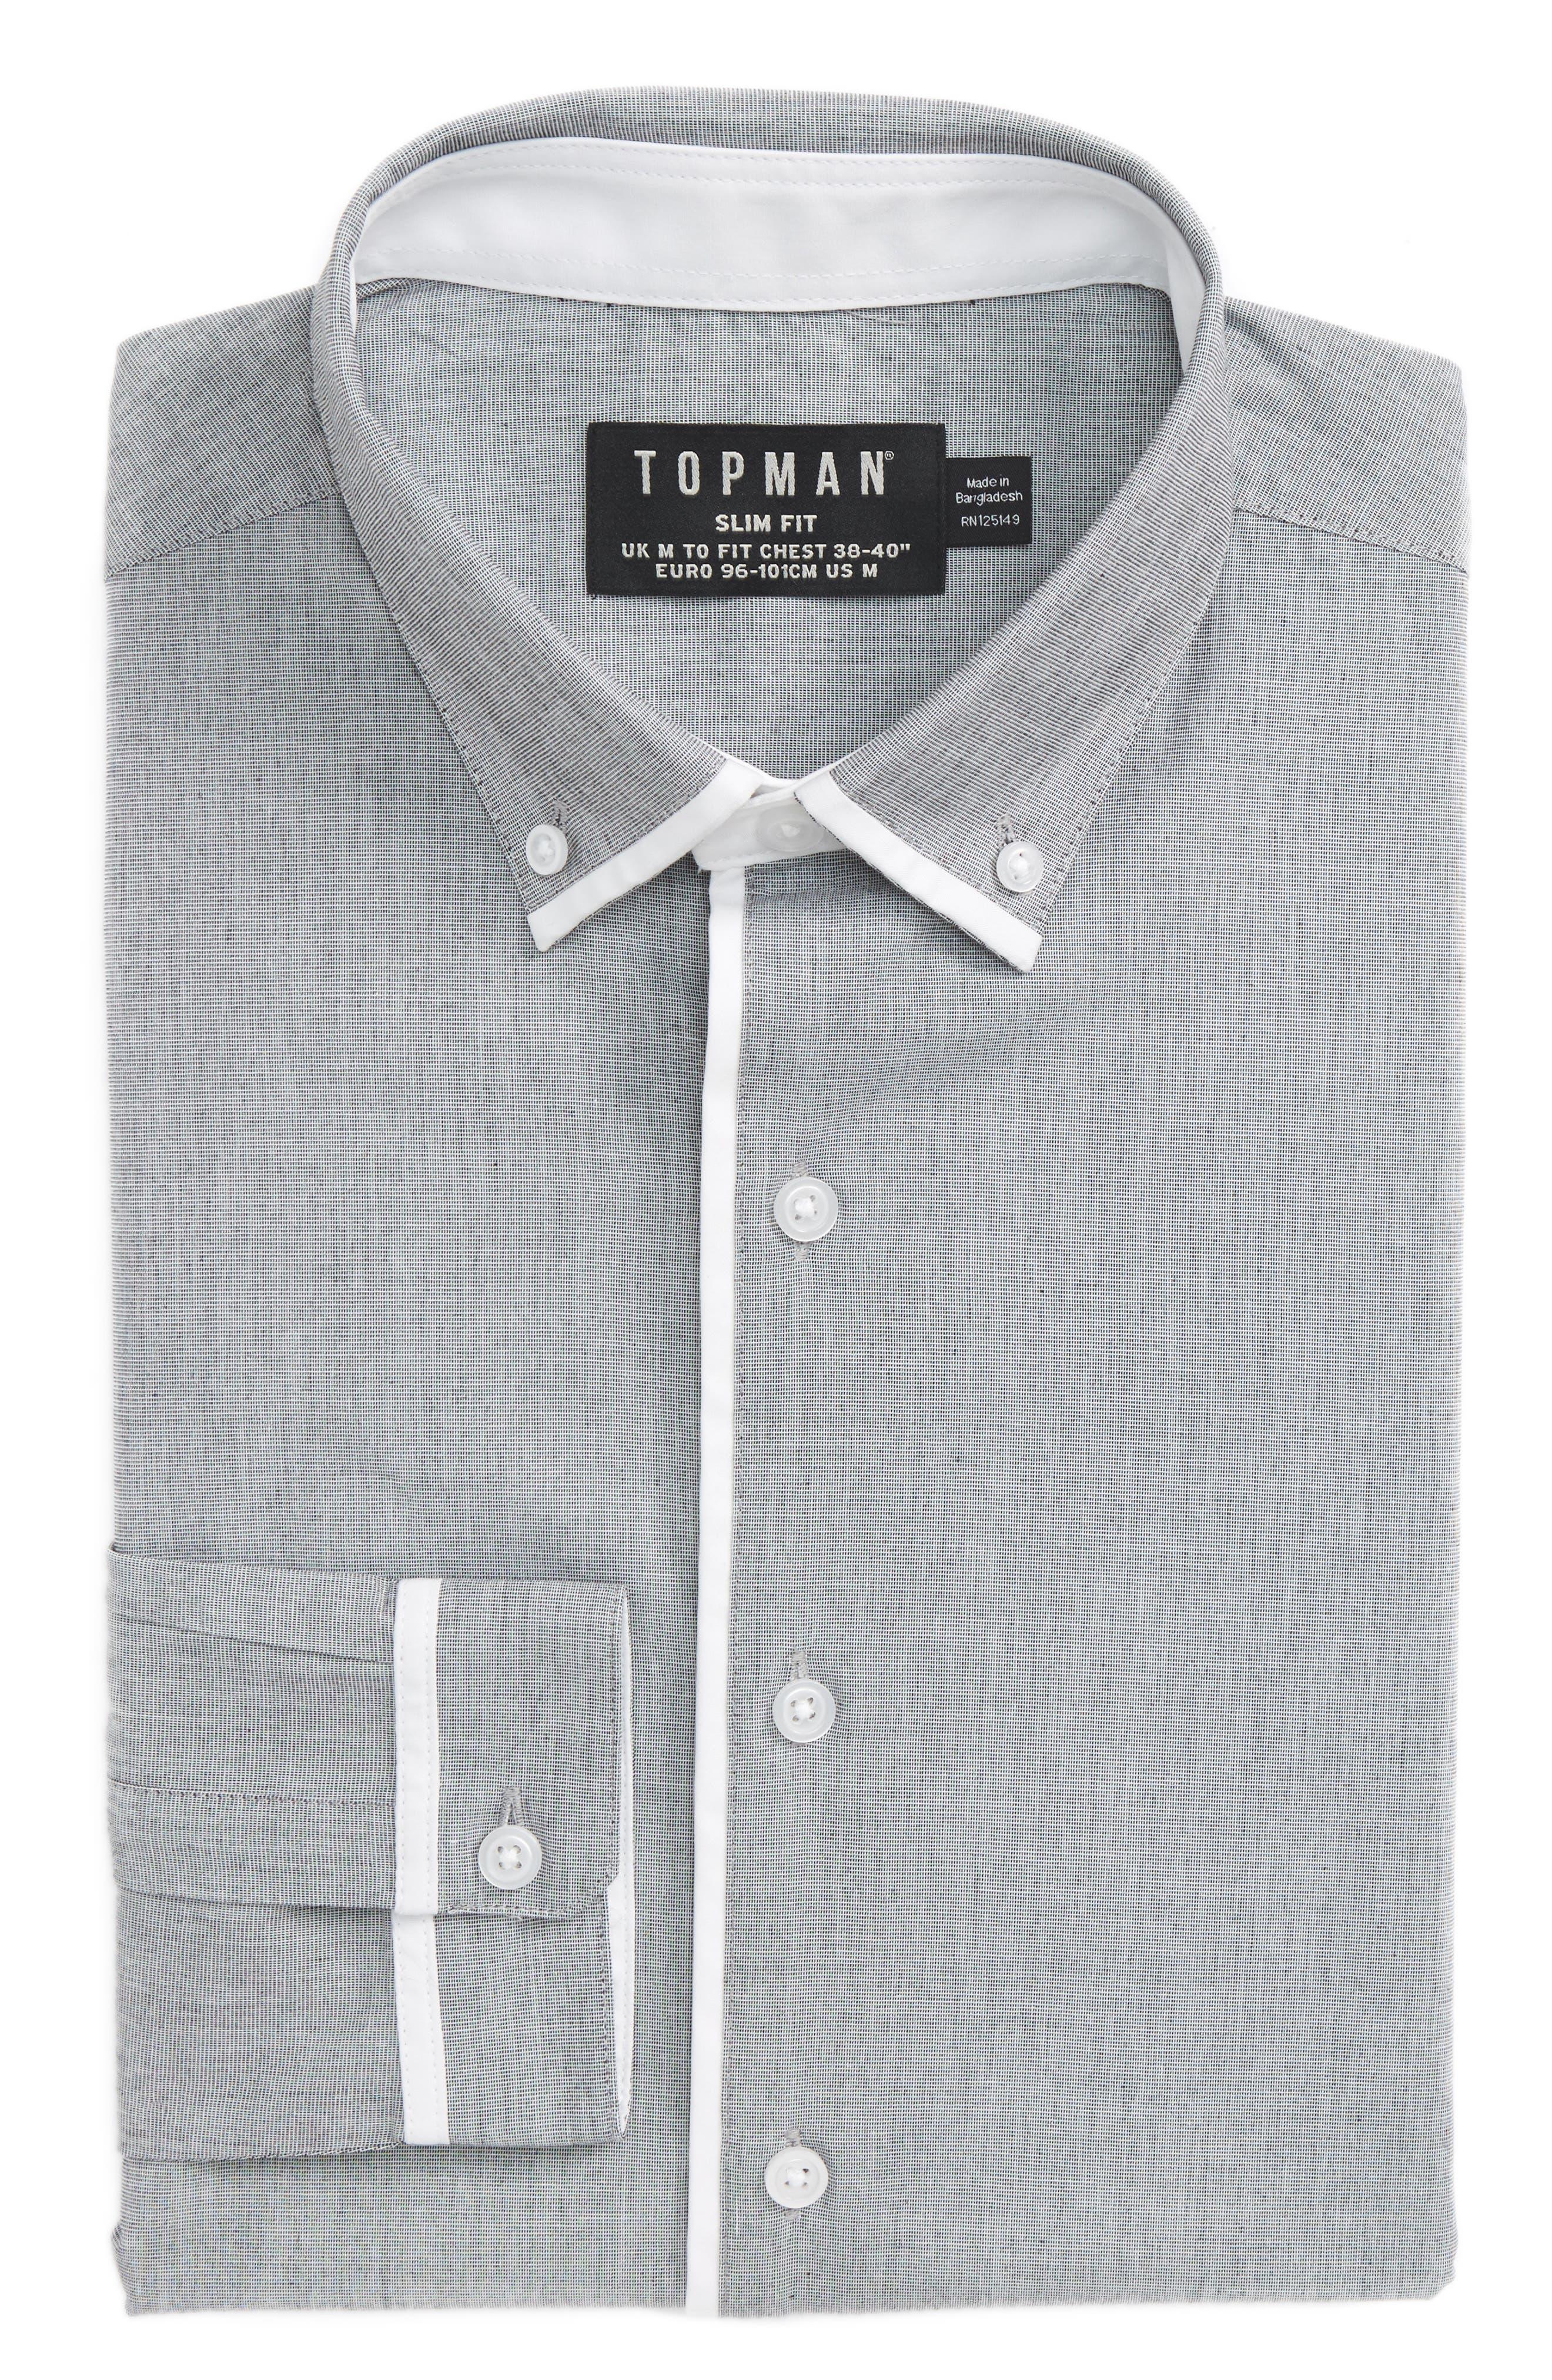 Main Image - Topman Leeson Slim Fit Smart Shirt